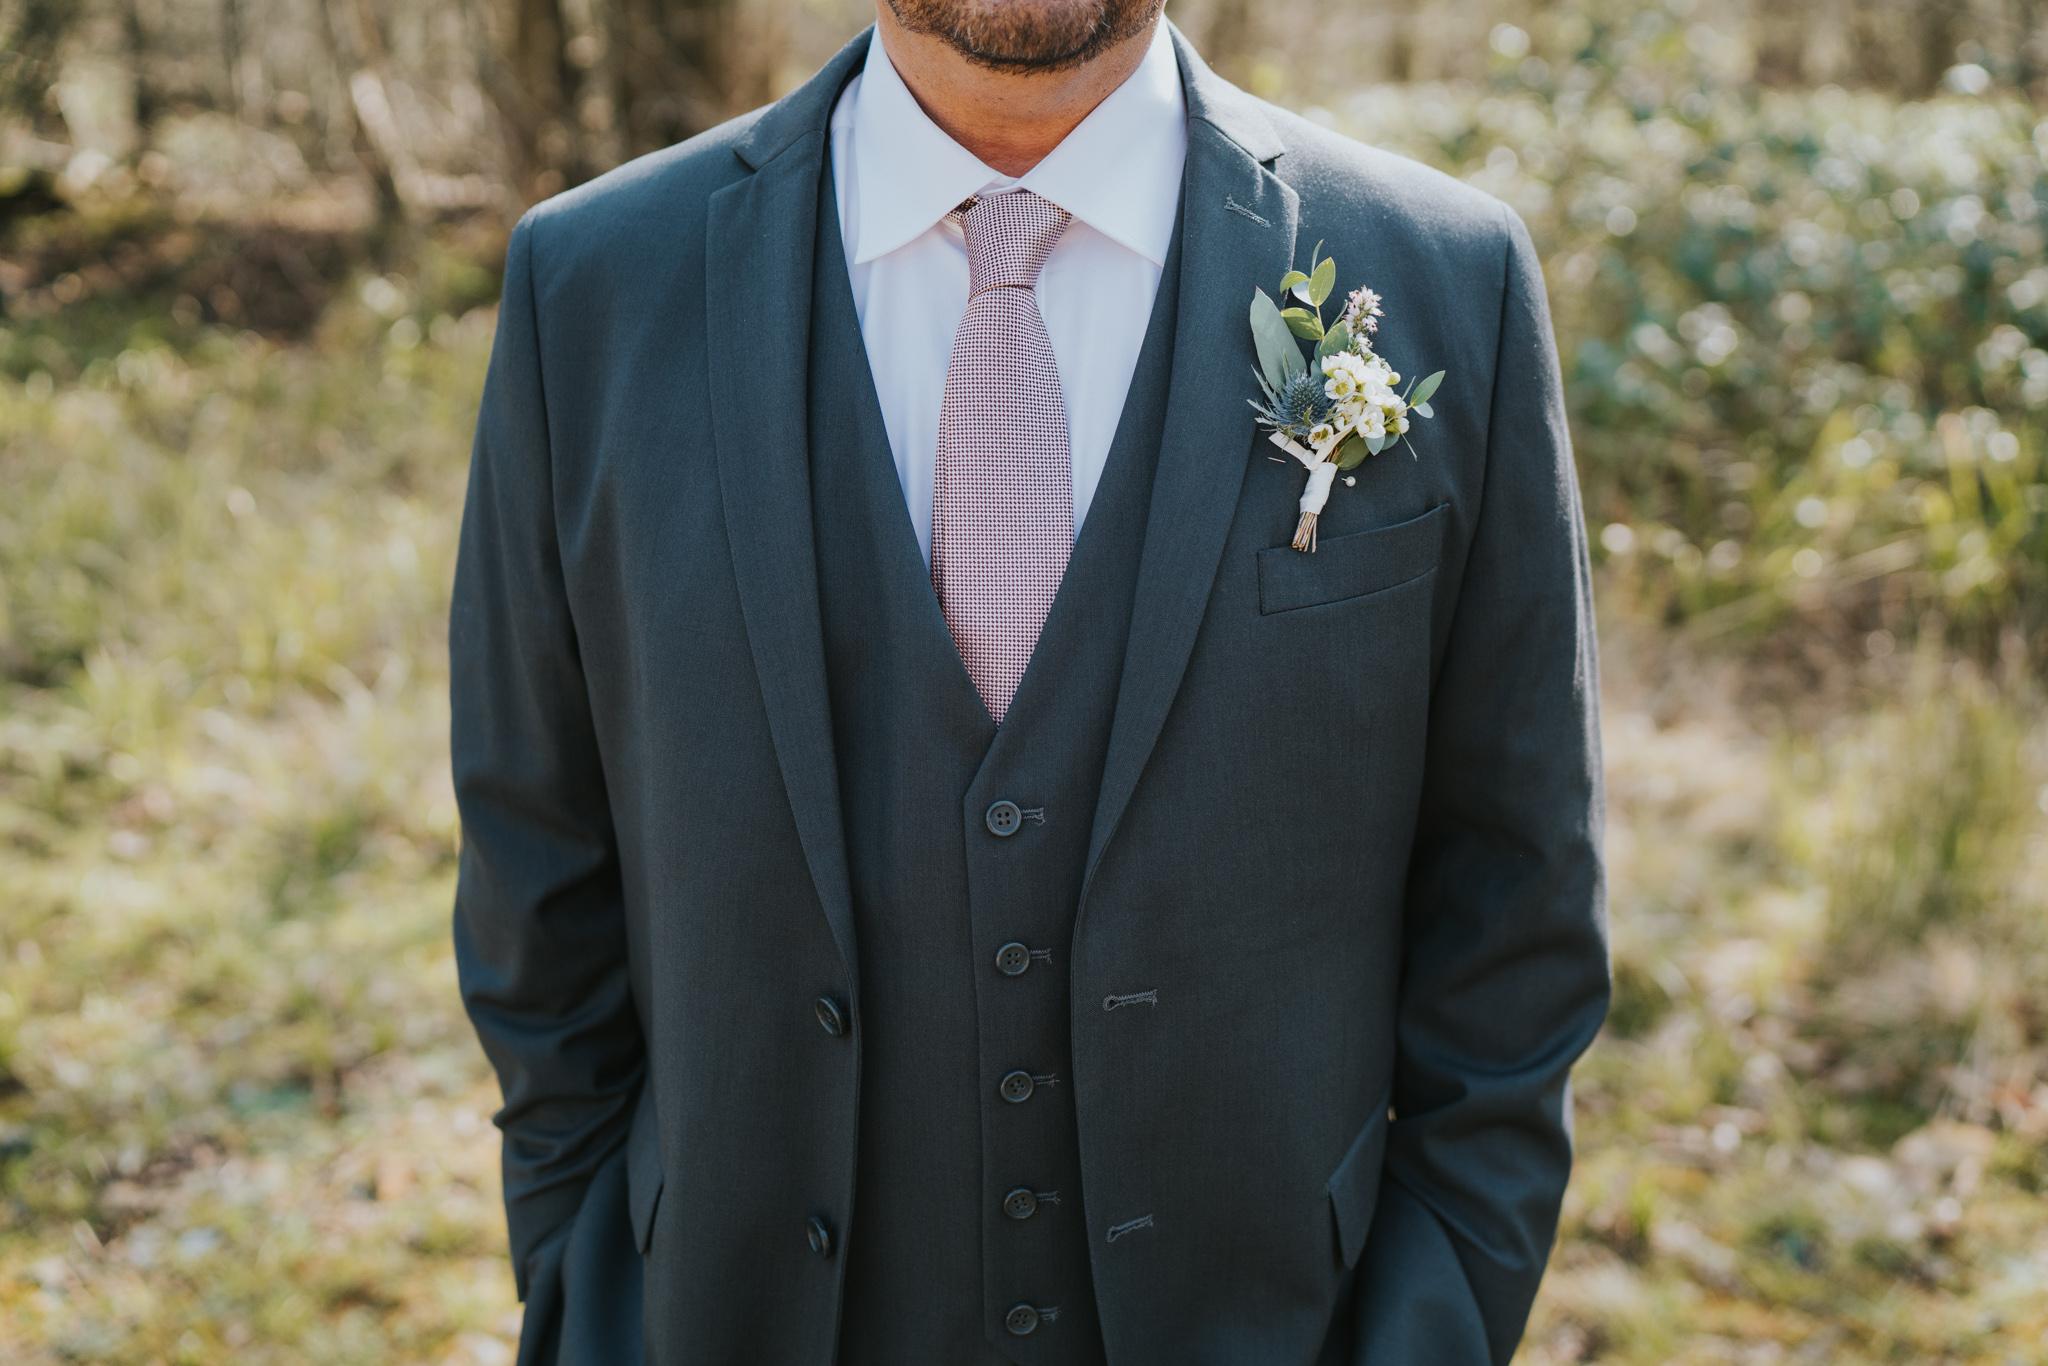 yuliya-yafith-colchester-essex-woodland-elopement-alternative-wedding-photographer-grace-elizabeth-essex-suffolk-norfolk-devon (16 of 40).jpg